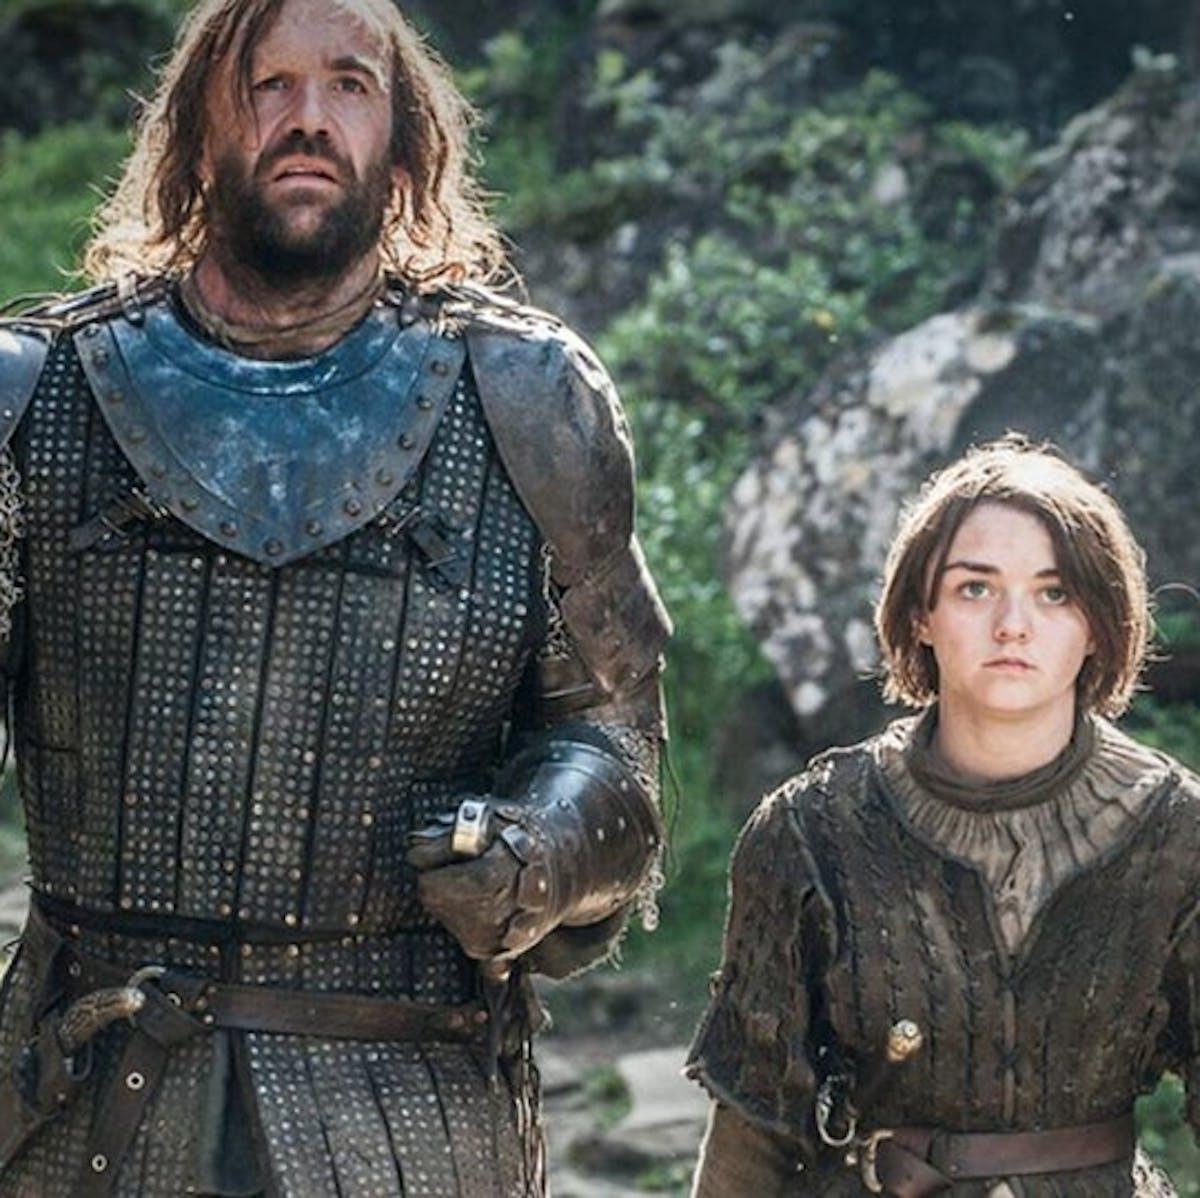 Game Of Thrones Season 8 Spoilers Promos Tease A Major Episode 3